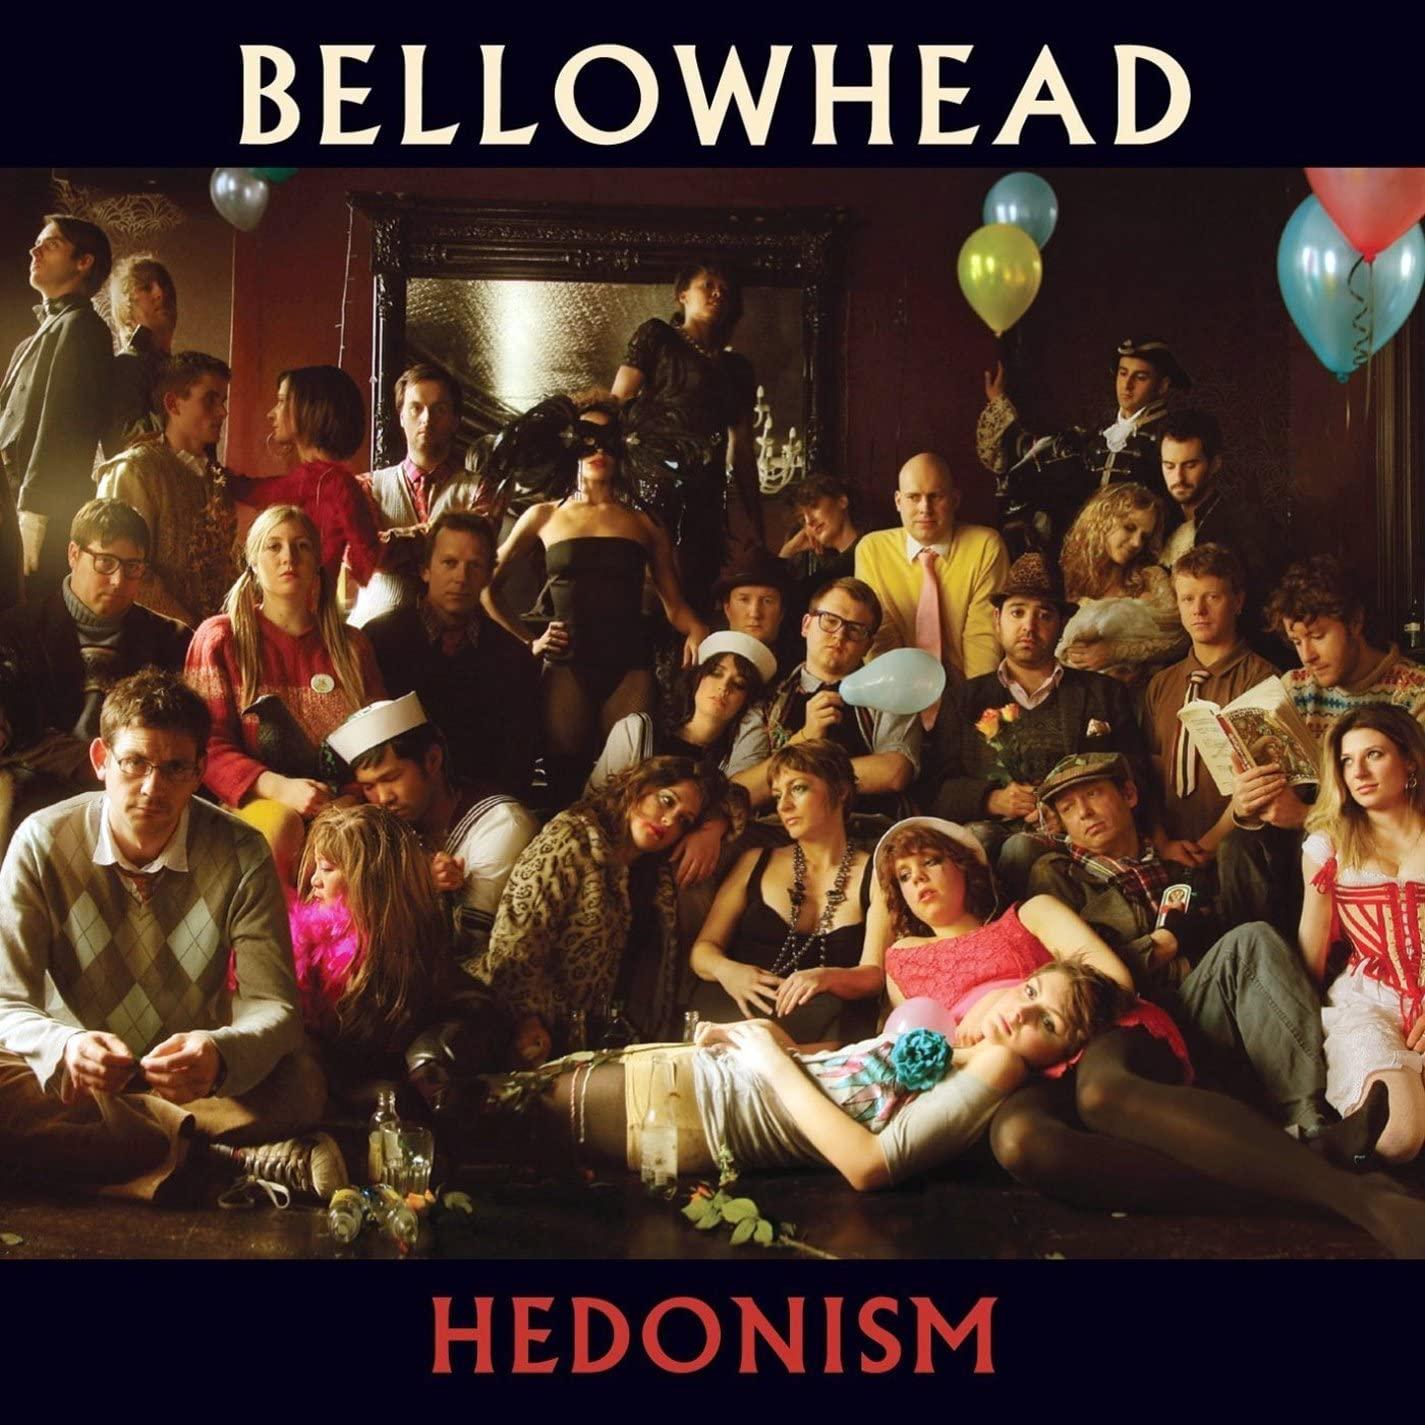 Buy Online Bellowhead - Hedonism CD Album